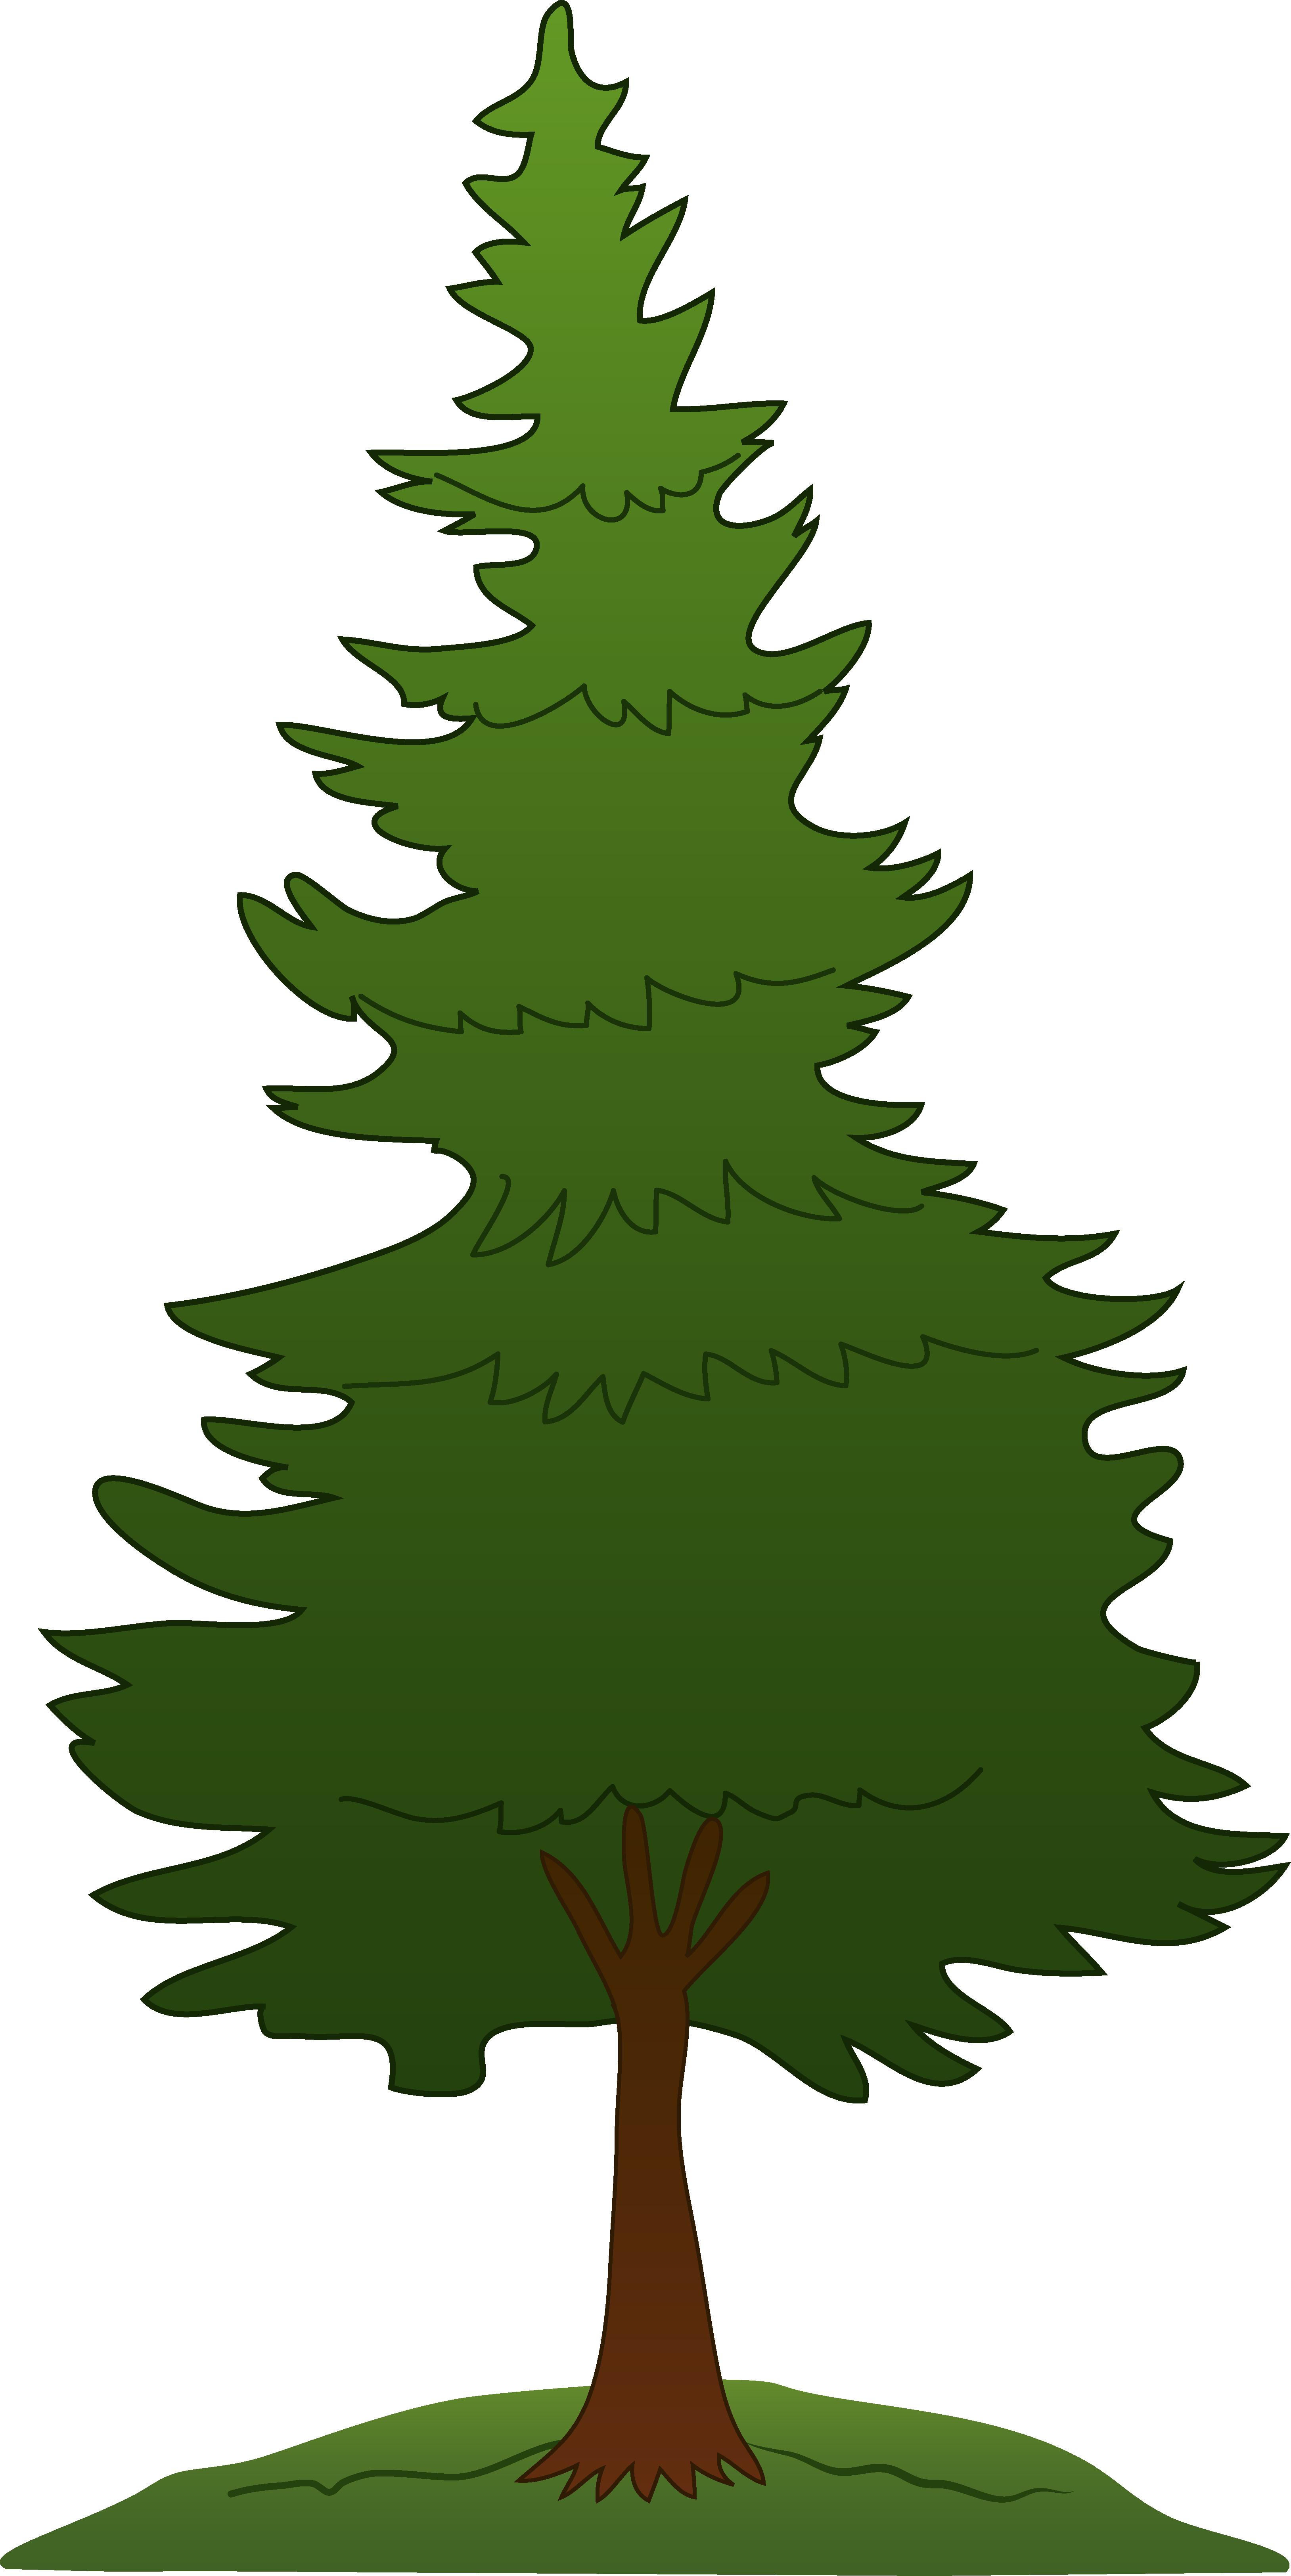 Clipart Tree-clipart tree-2